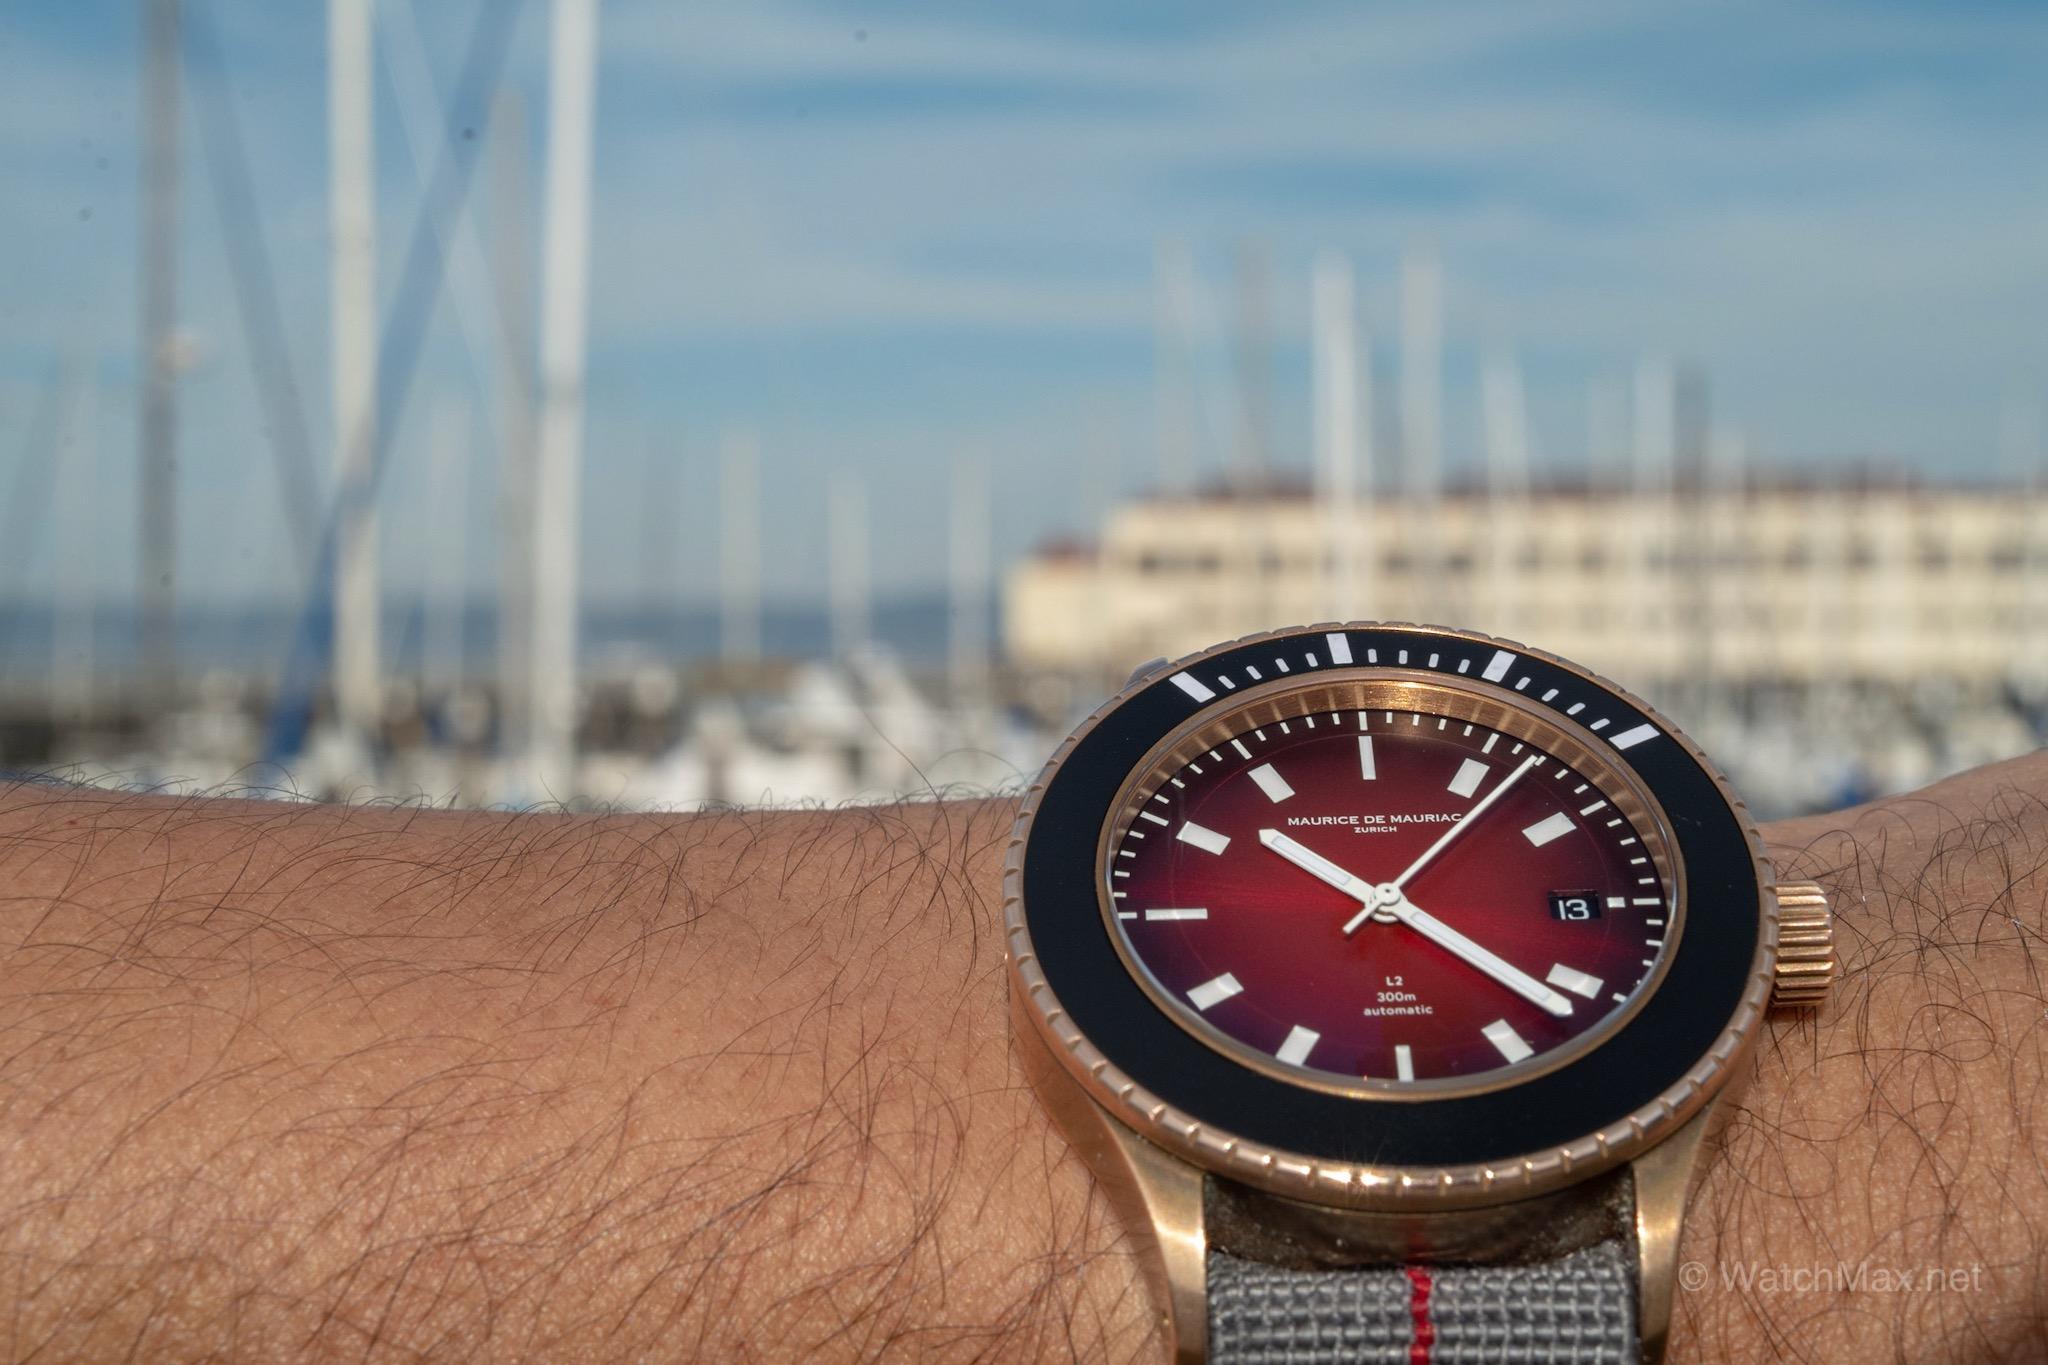 maurice-de-mauriac-l2-bronze-deep-red-34.JPG